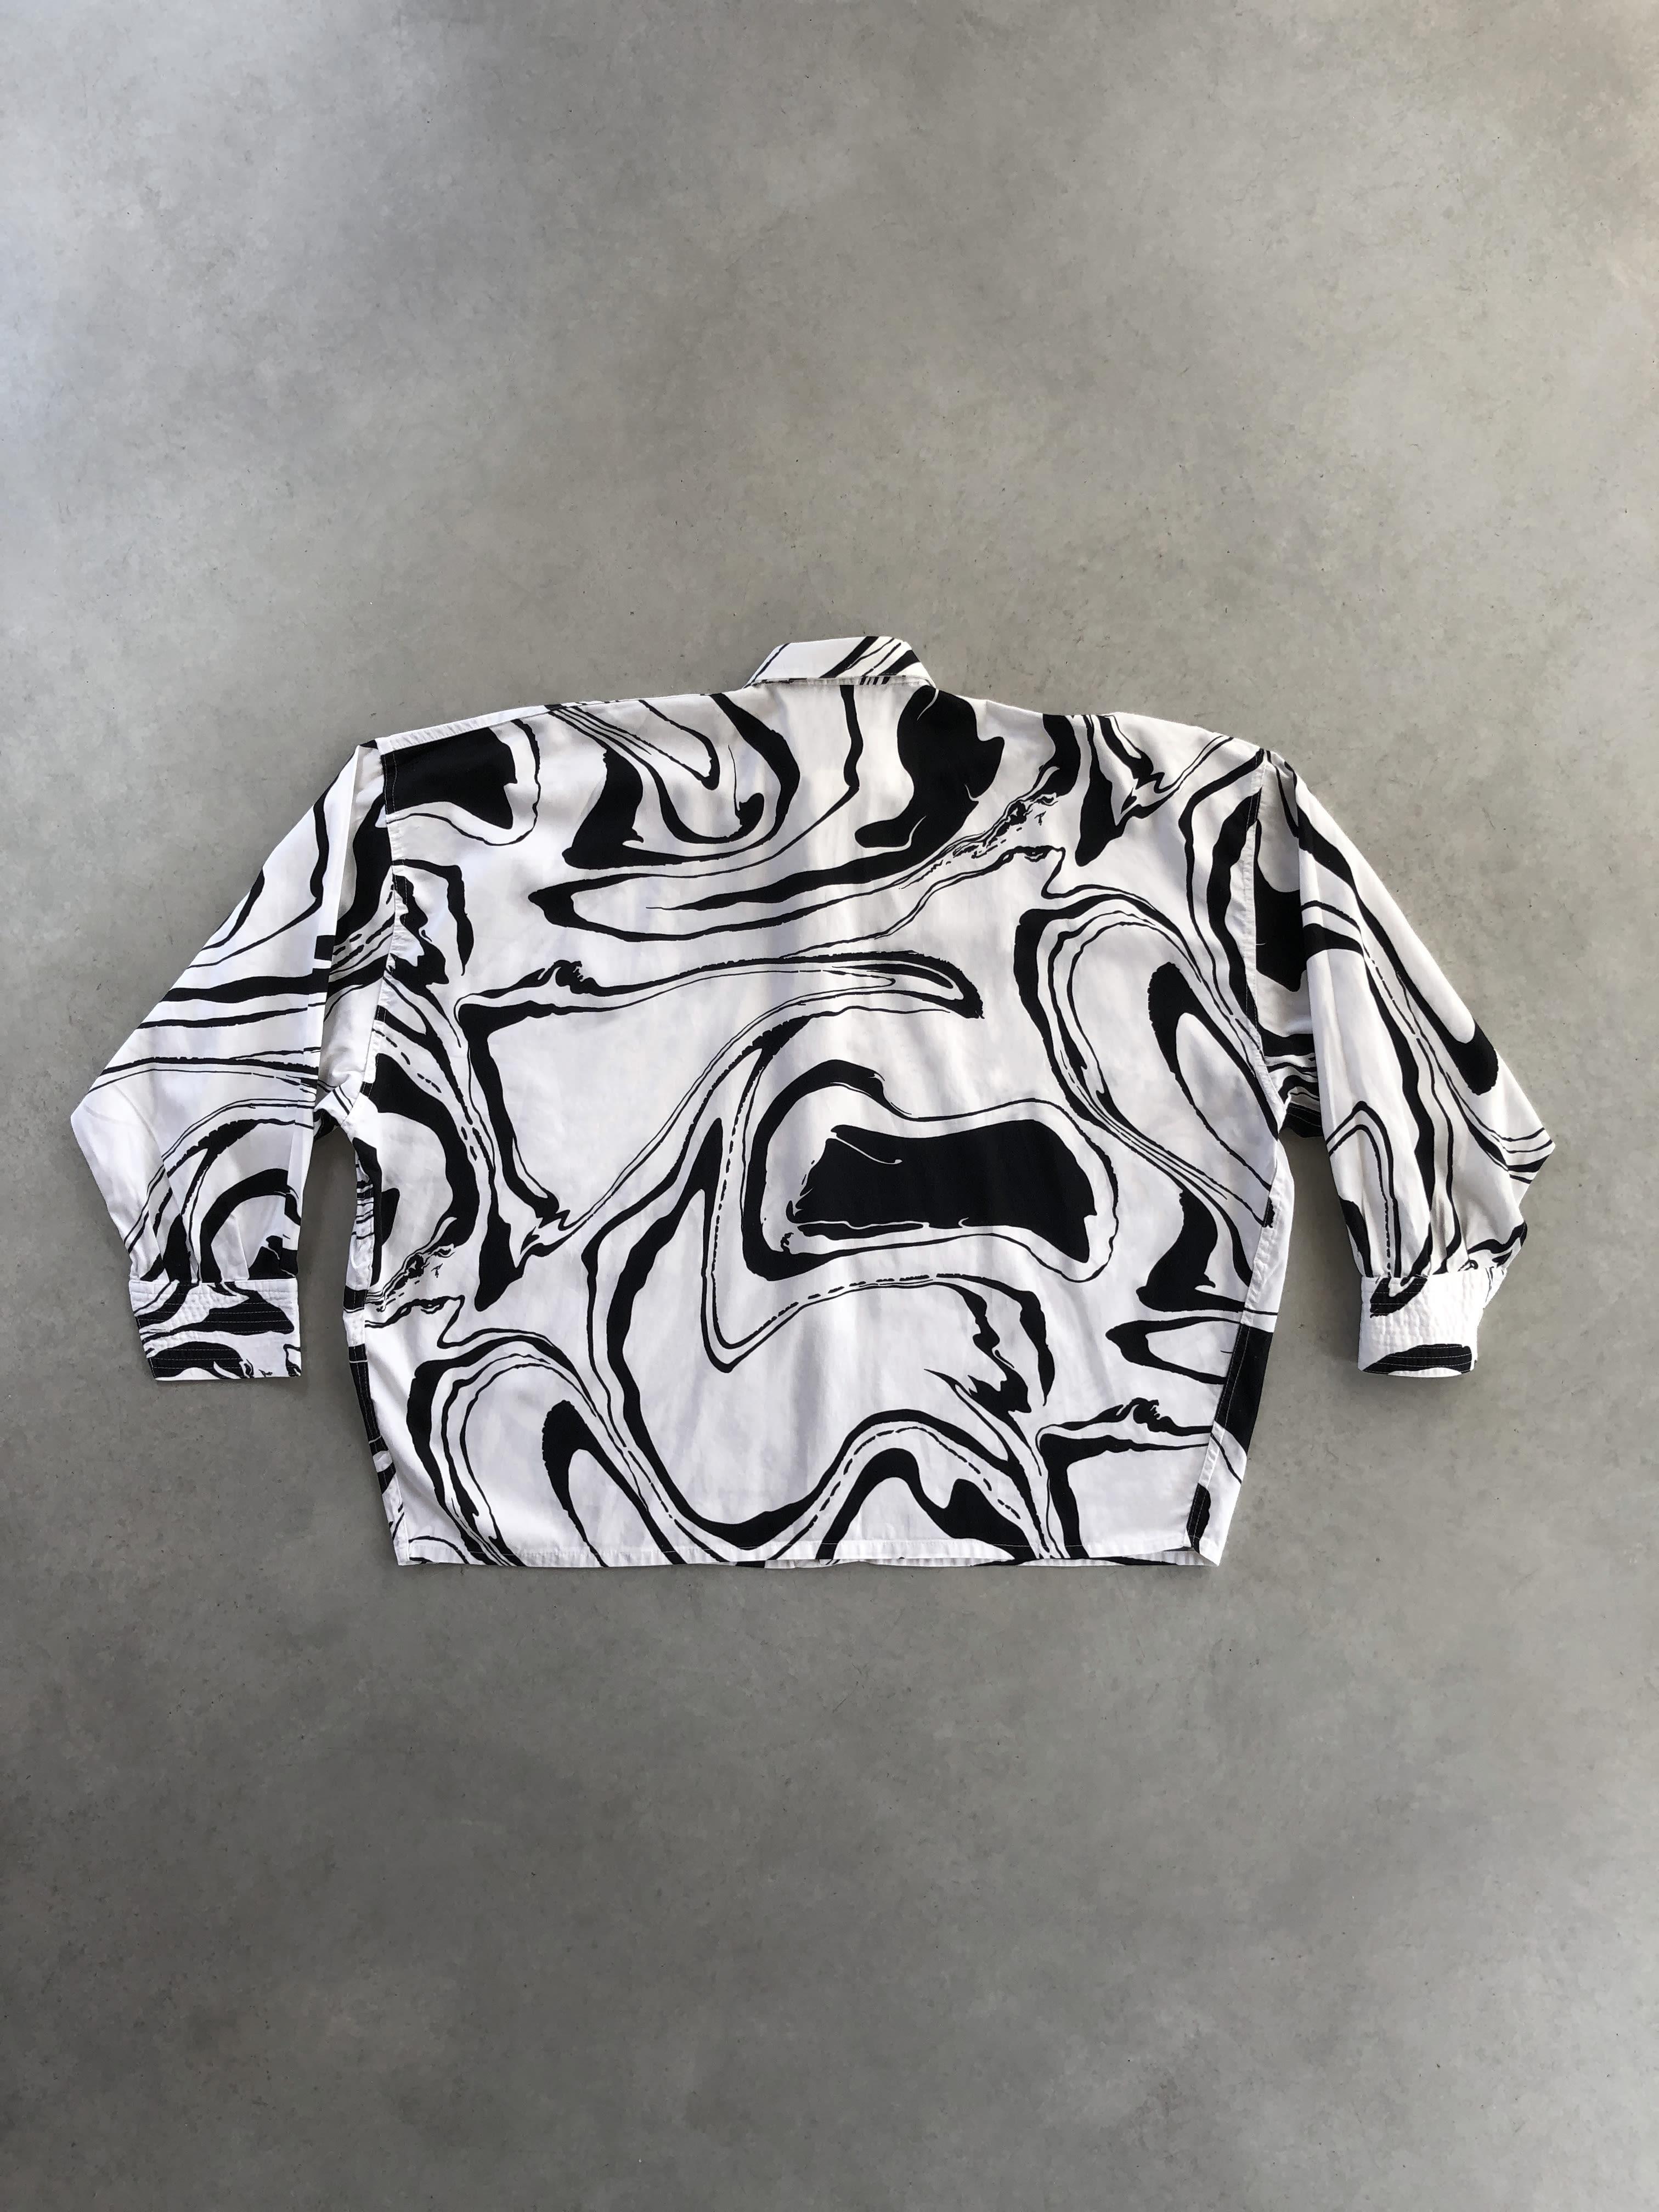 Packshot du produit Chemise vintage en coton imprimé de la catégorie Tops & Chemises